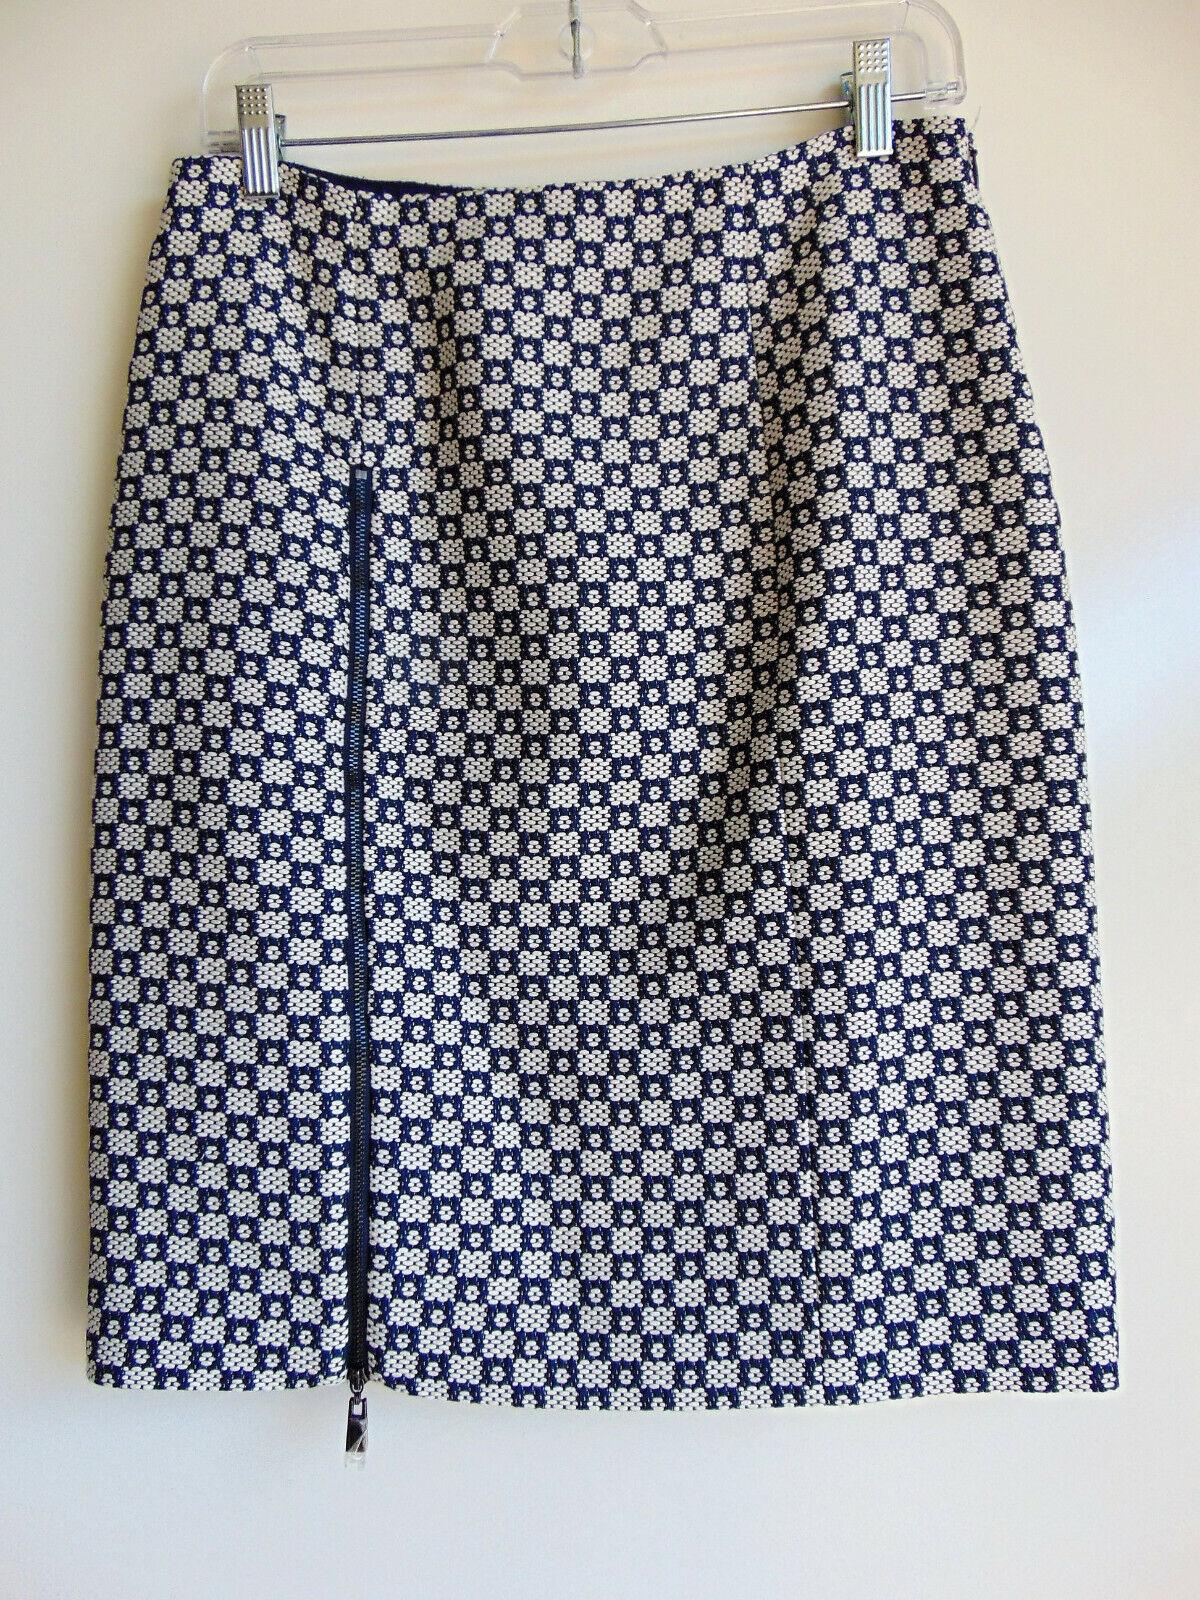 Worth New York Bridgette Zip Woven Navy & White Woven Skirt NWOT  398 size 4